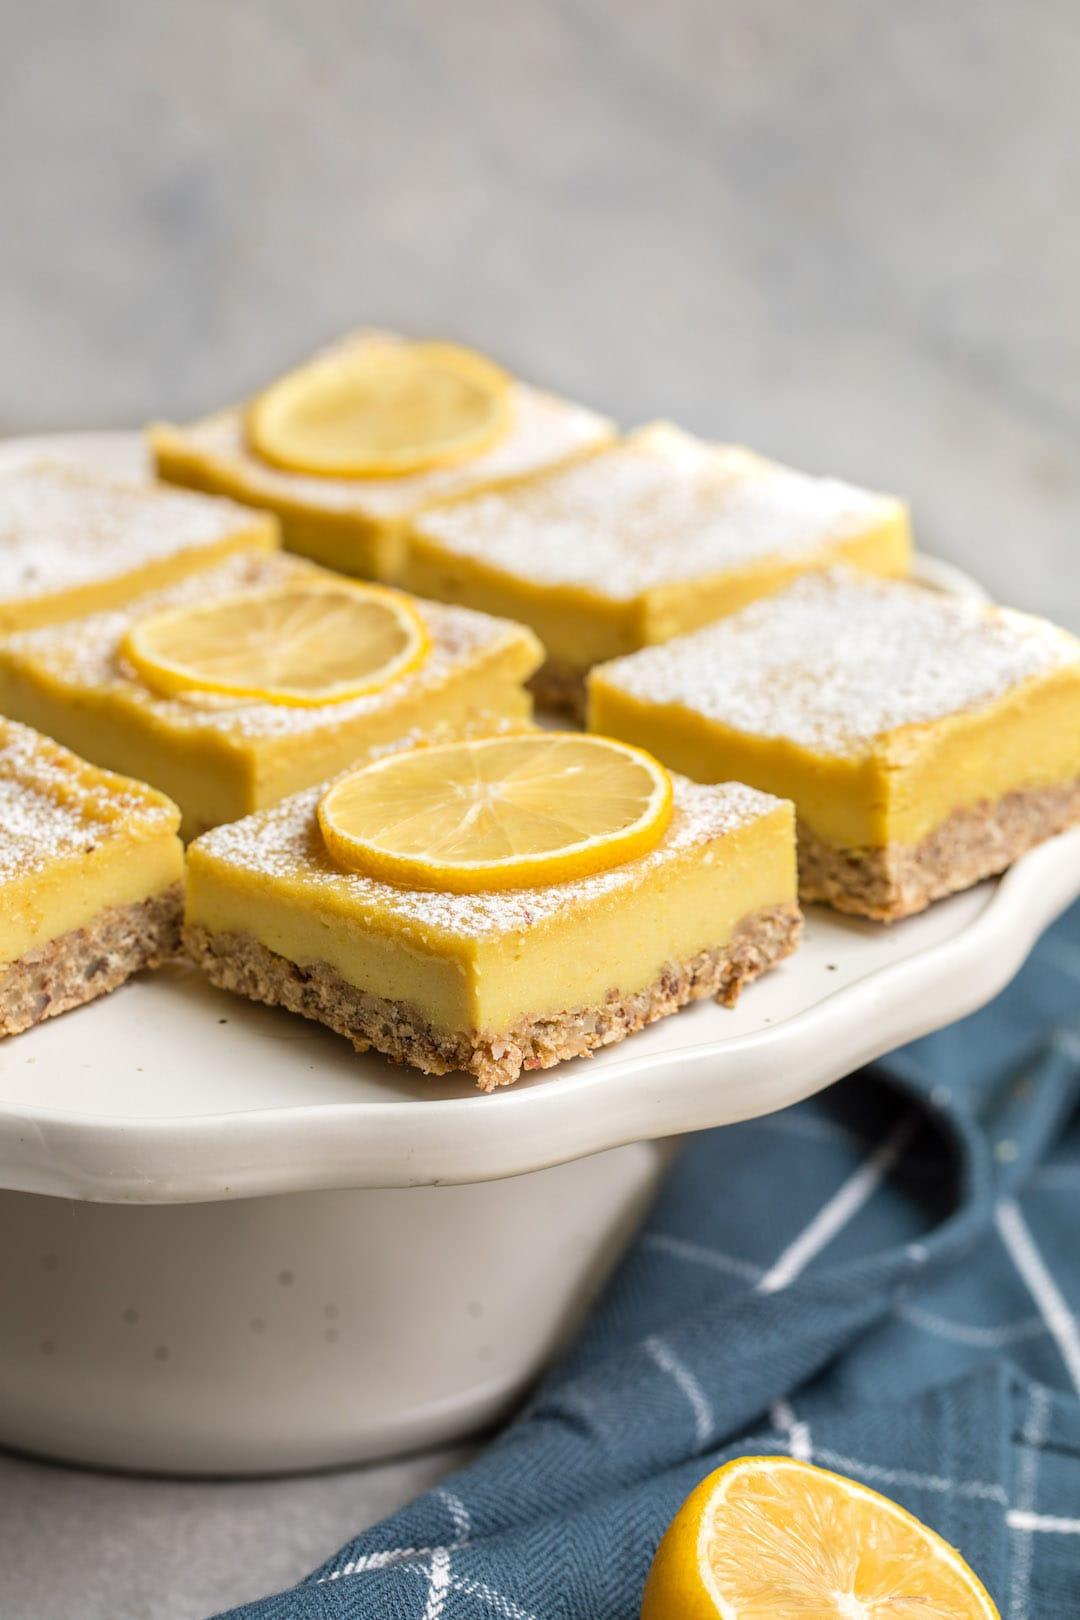 12 Super Easy Plant Based Desserts - Vegan Lemon Bars